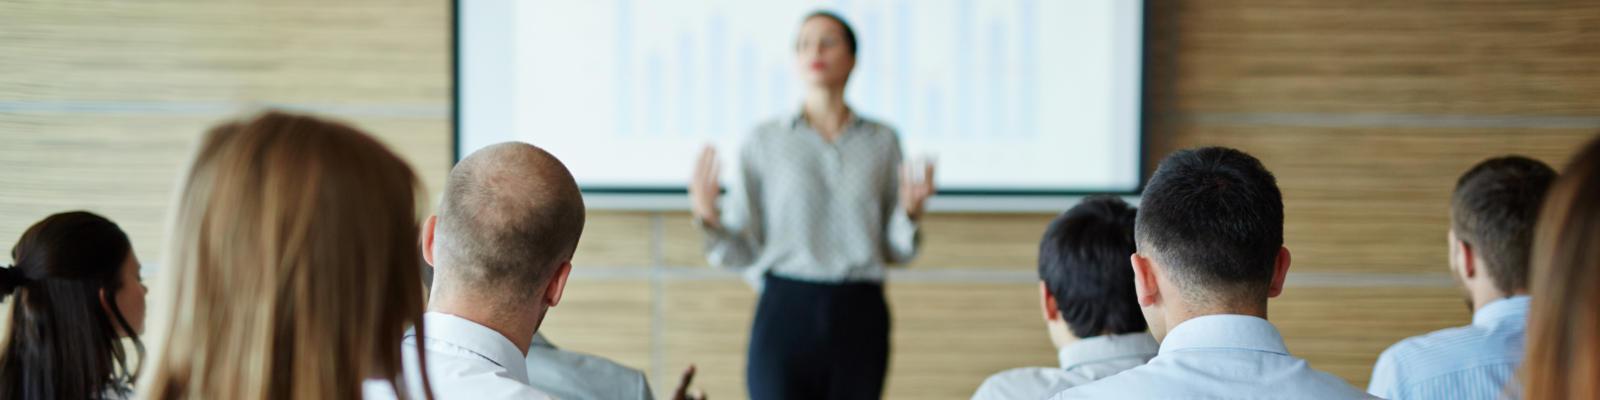 Coaching & Training von Zielpunktgenau